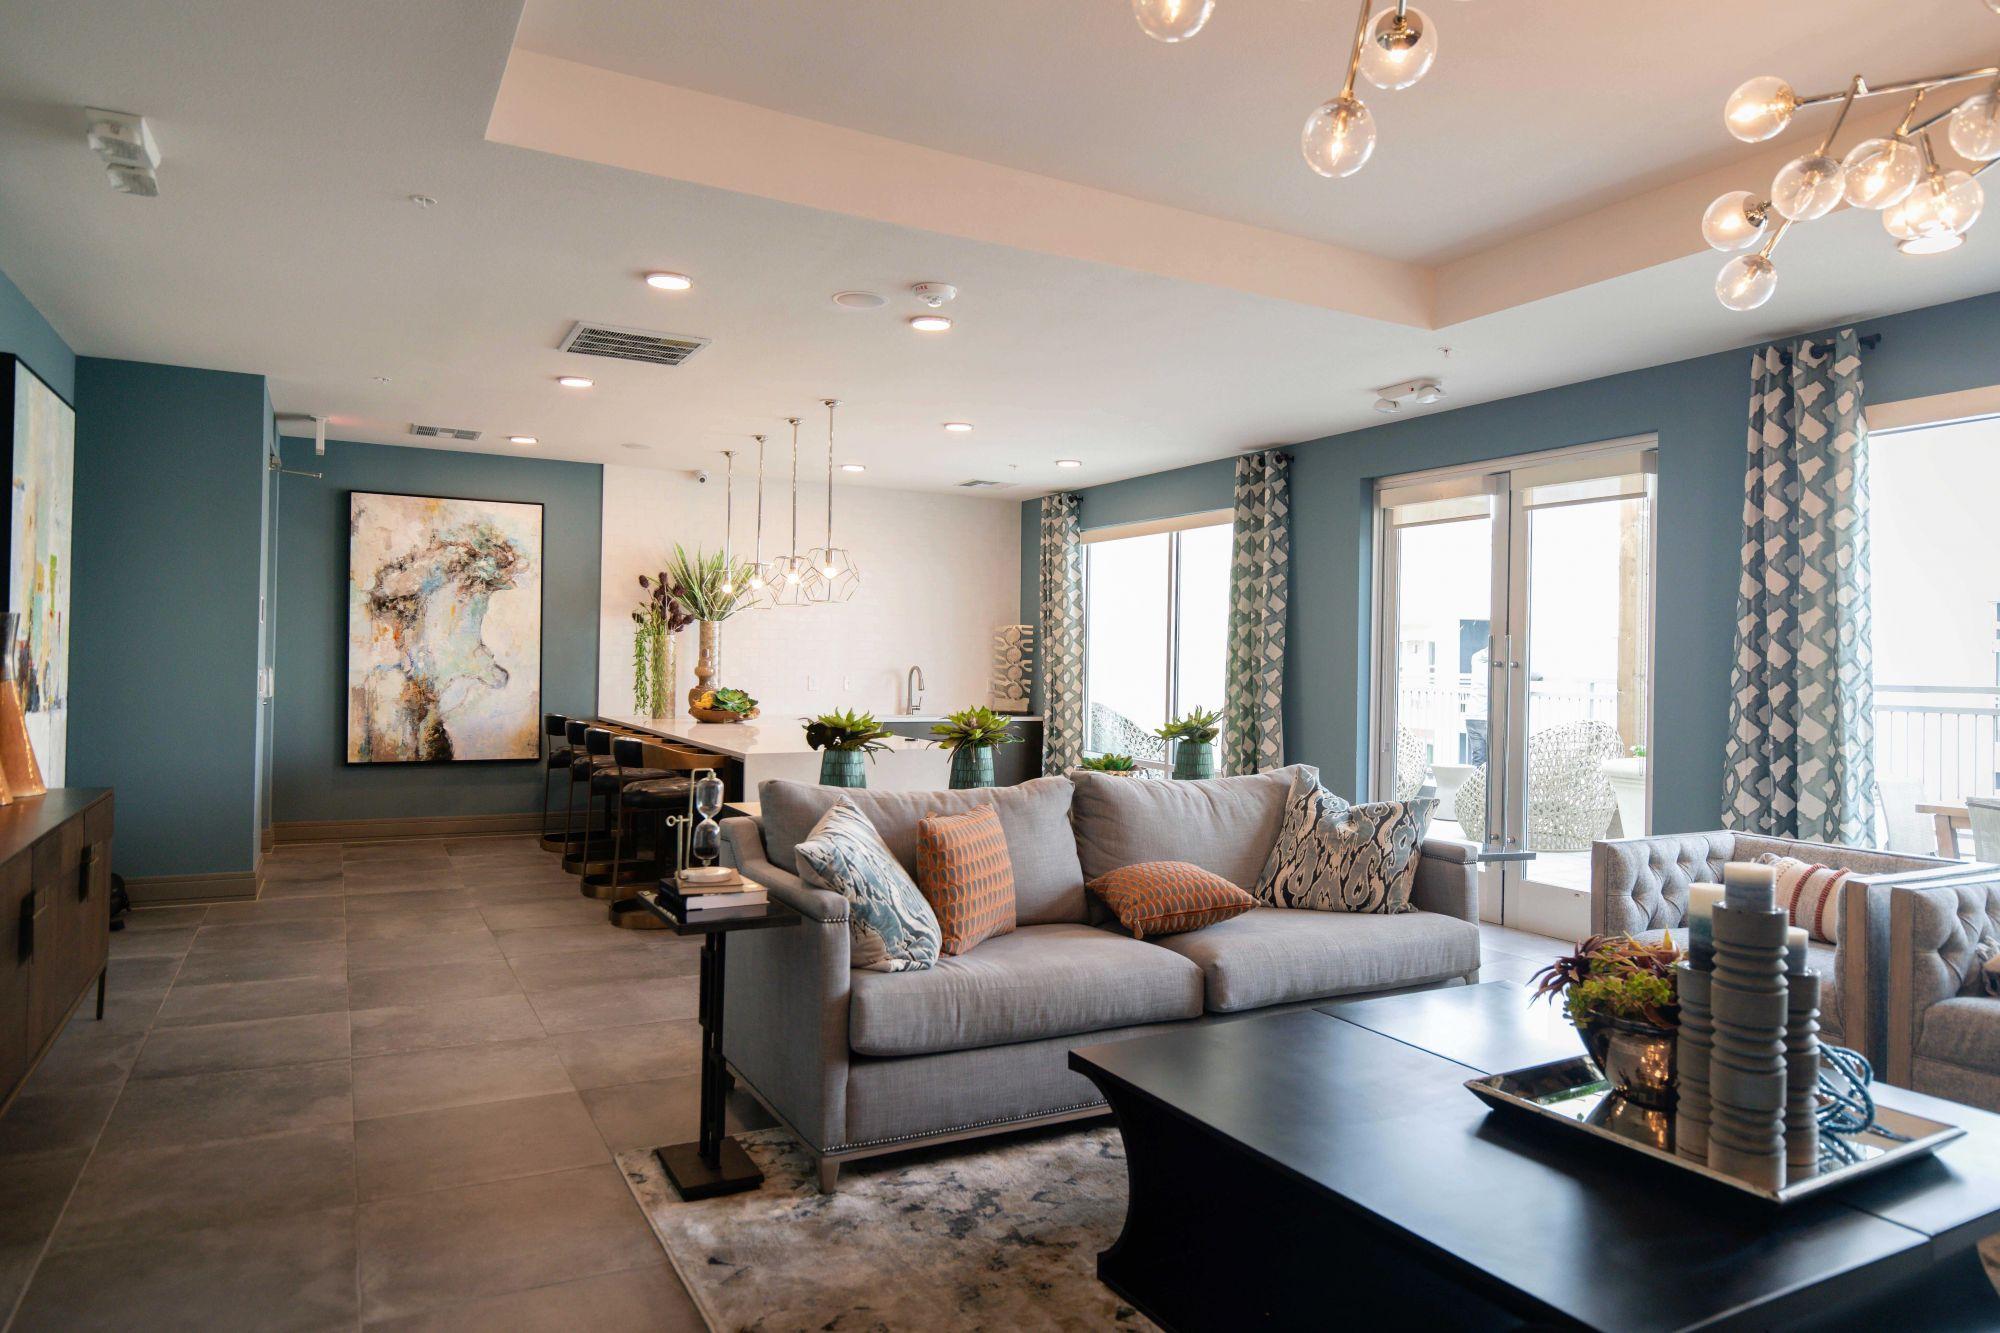 Tatler Design Awards 2021: Vote For The Best Living Room